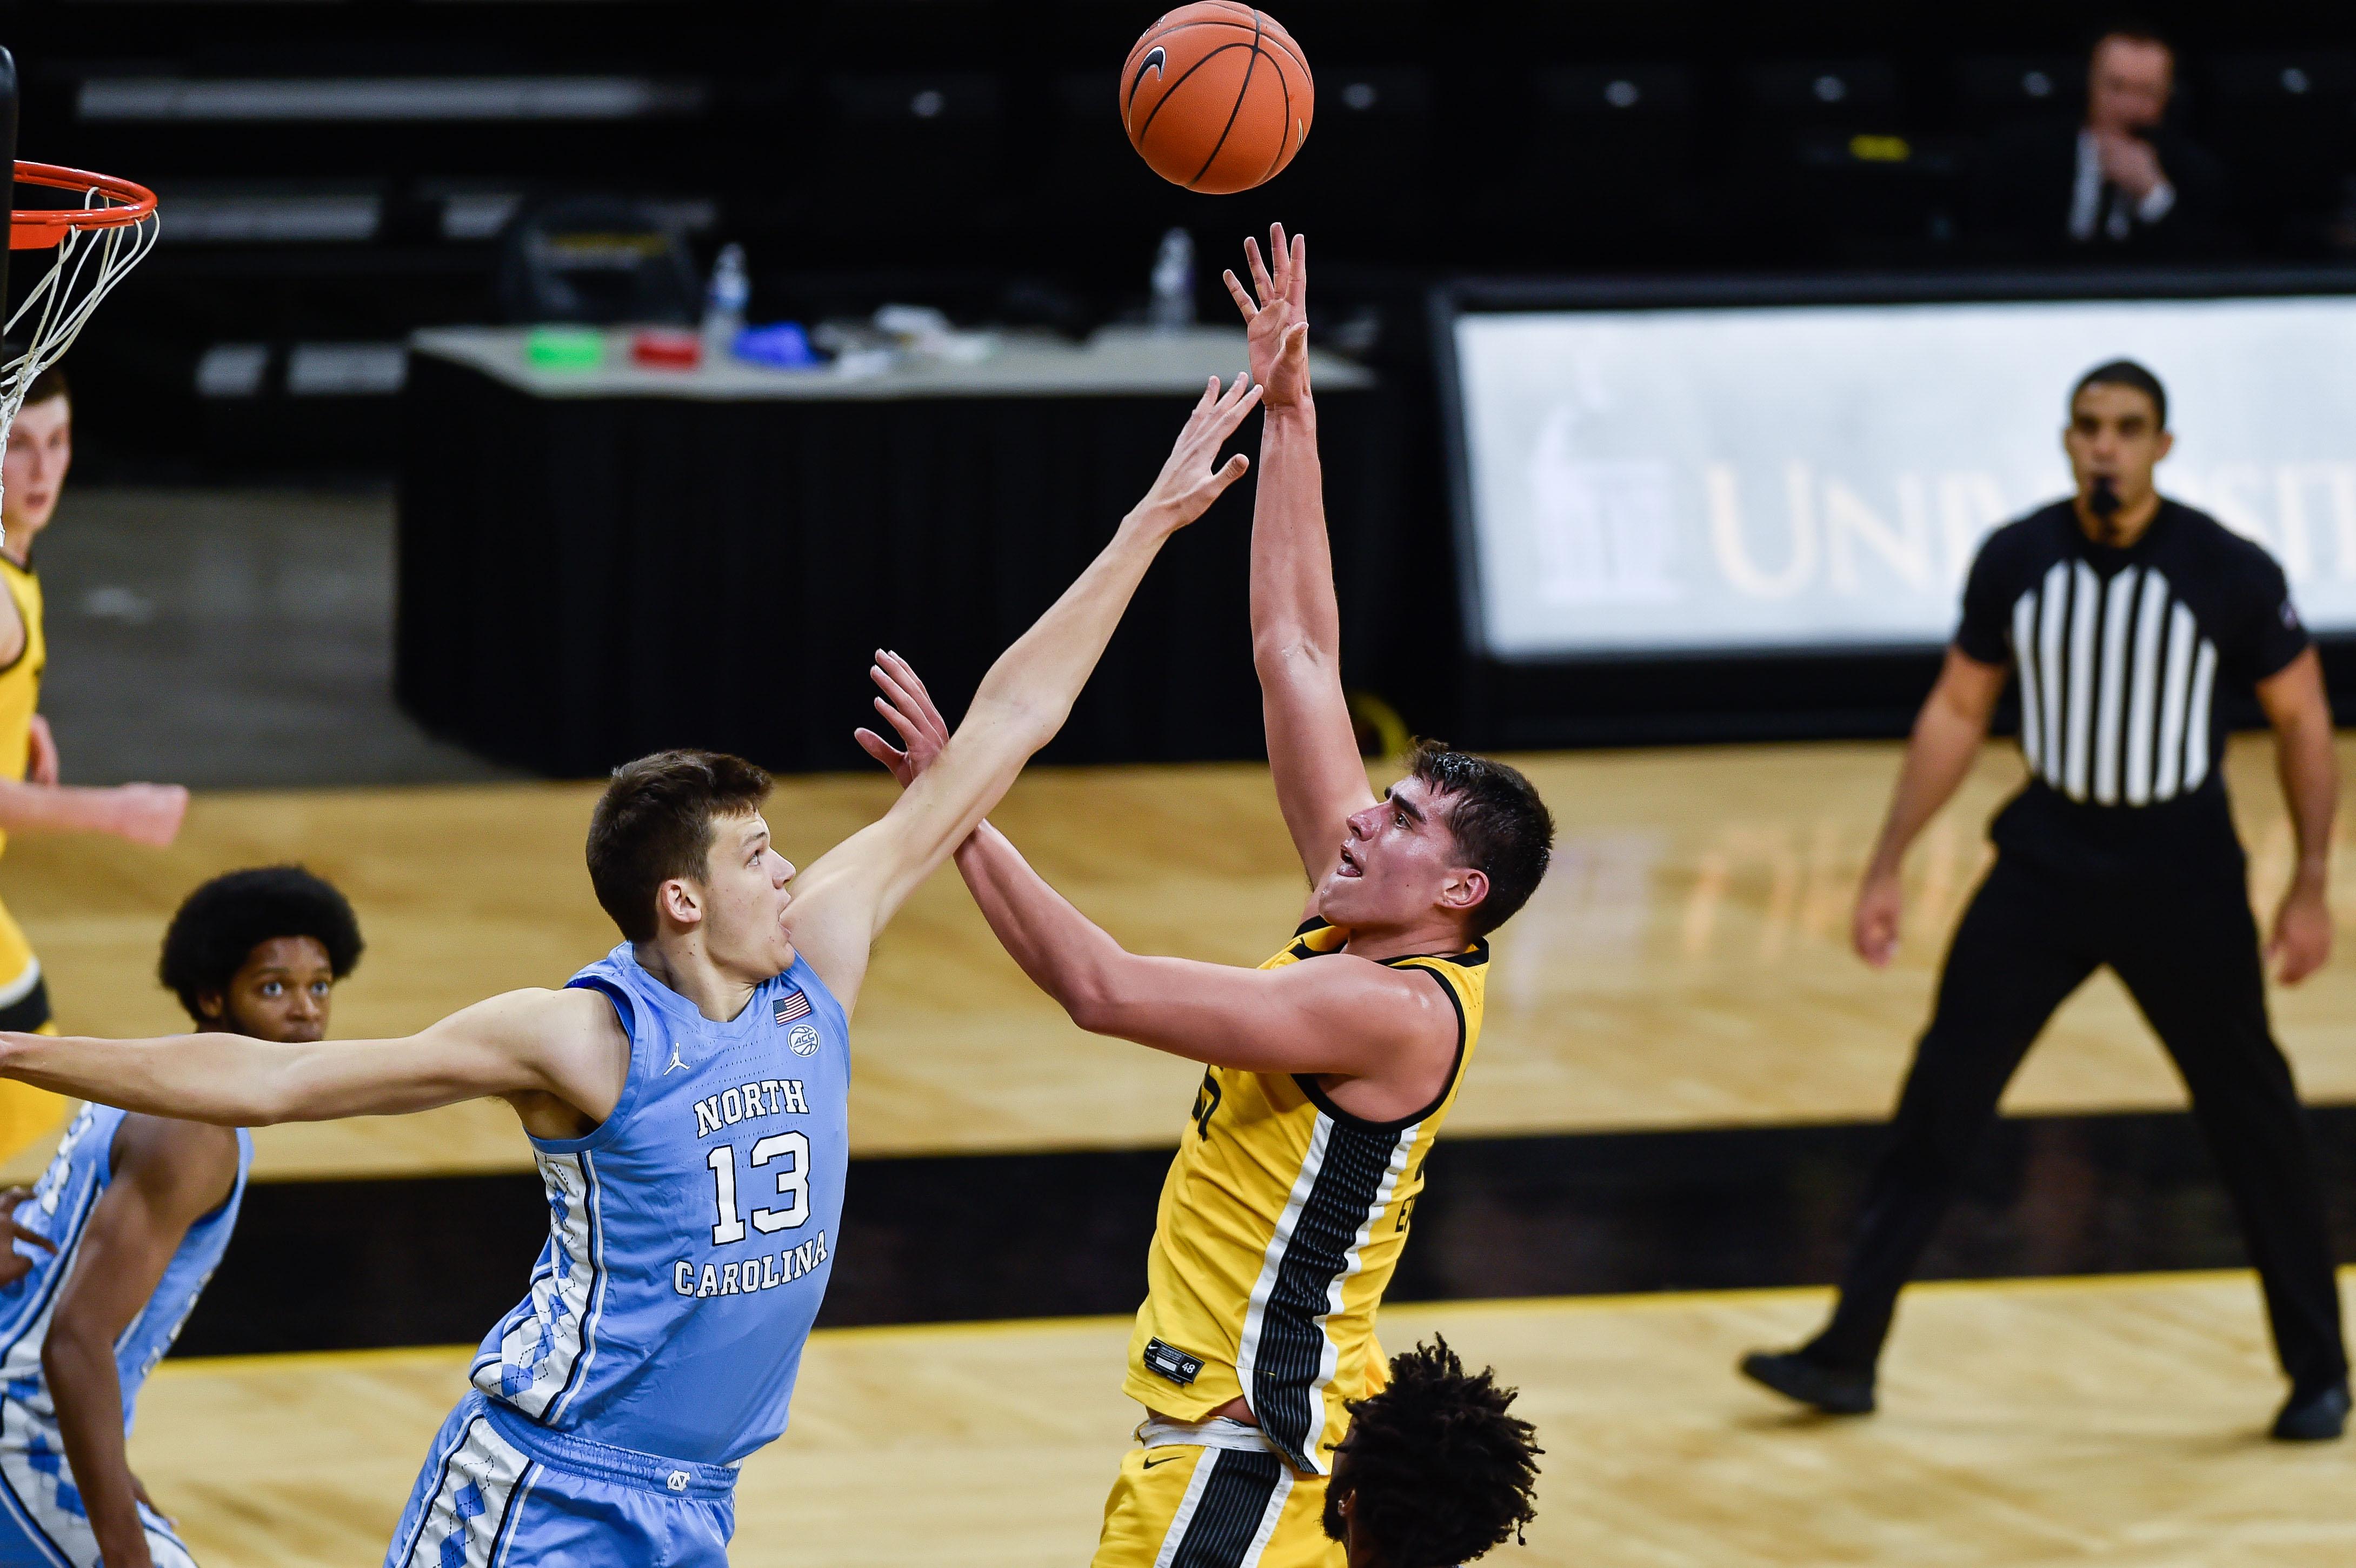 NCAA Basketball: North Carolina at Iowa